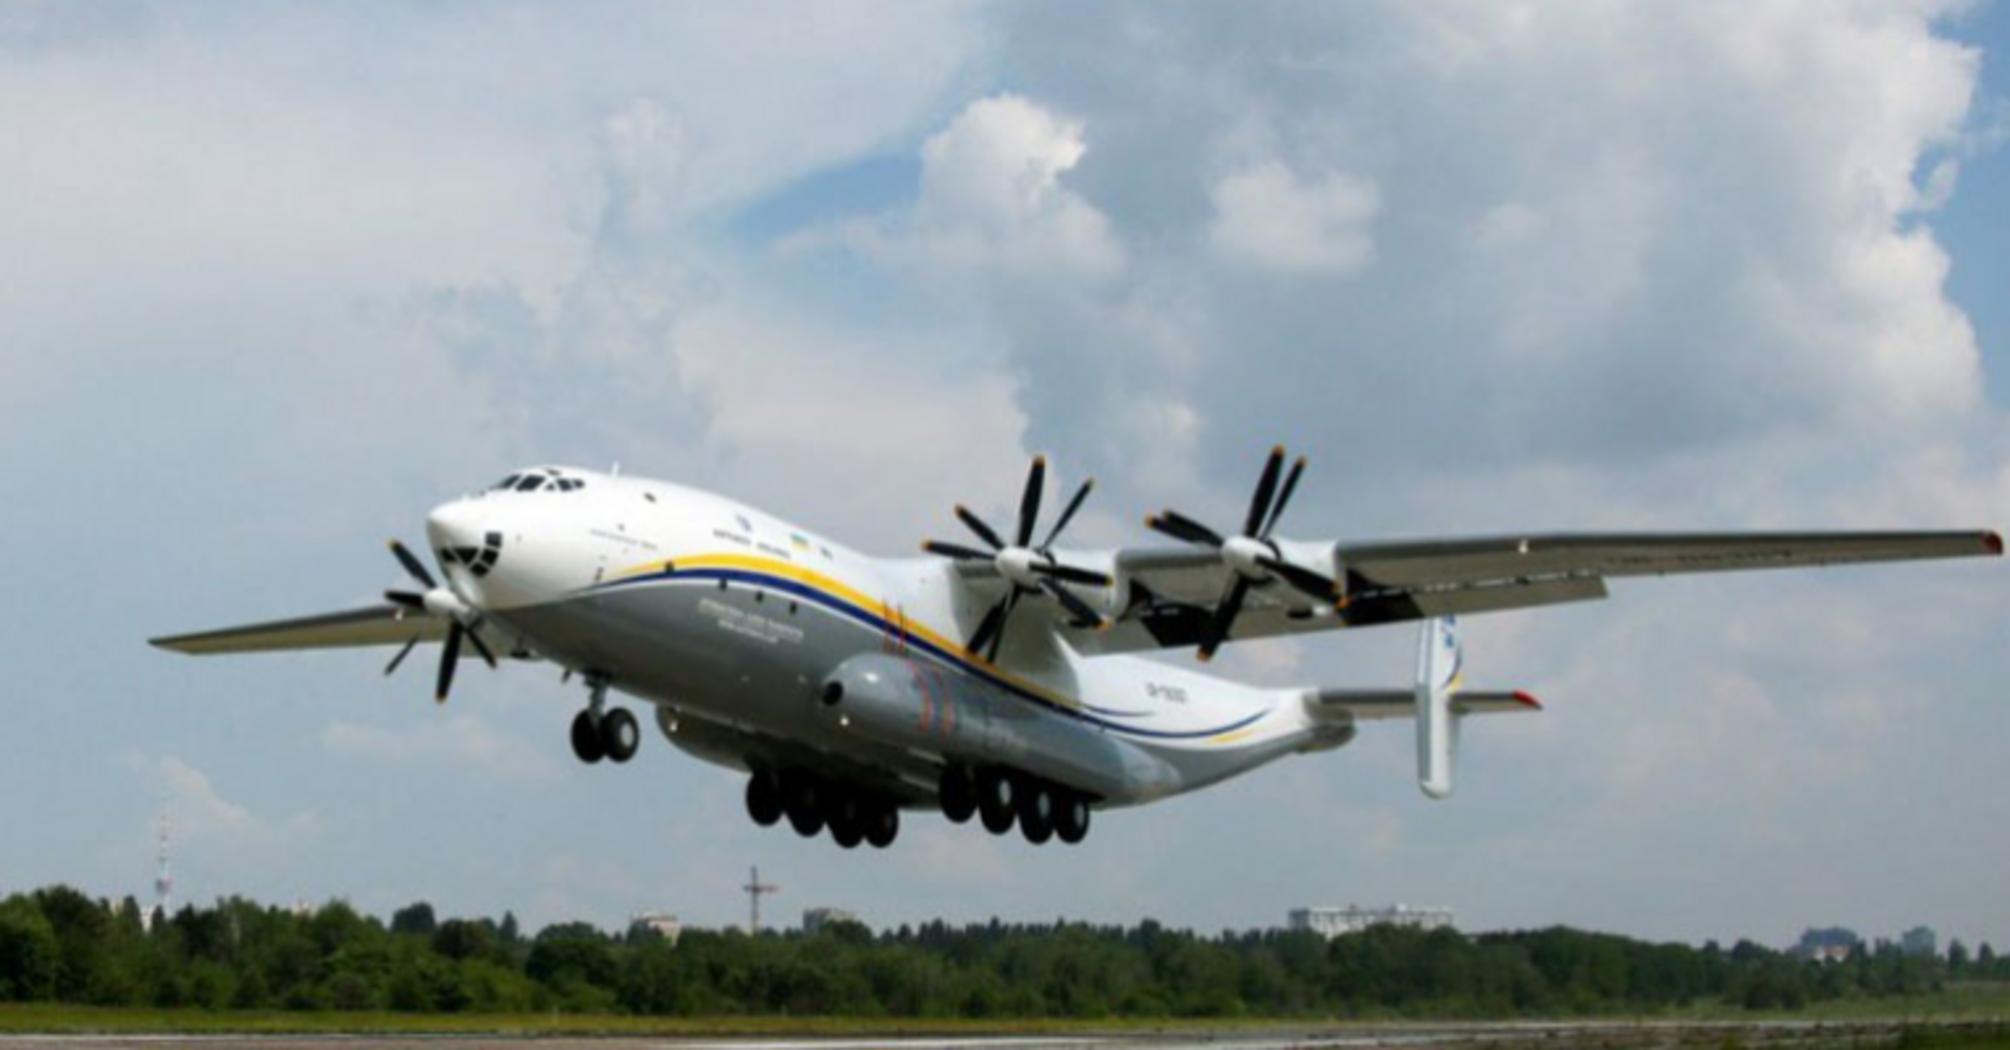 """Наибольший в мире турбовинтовой грузовой самолет Ан-22 """"Антонова"""" возобновил перелеты"""